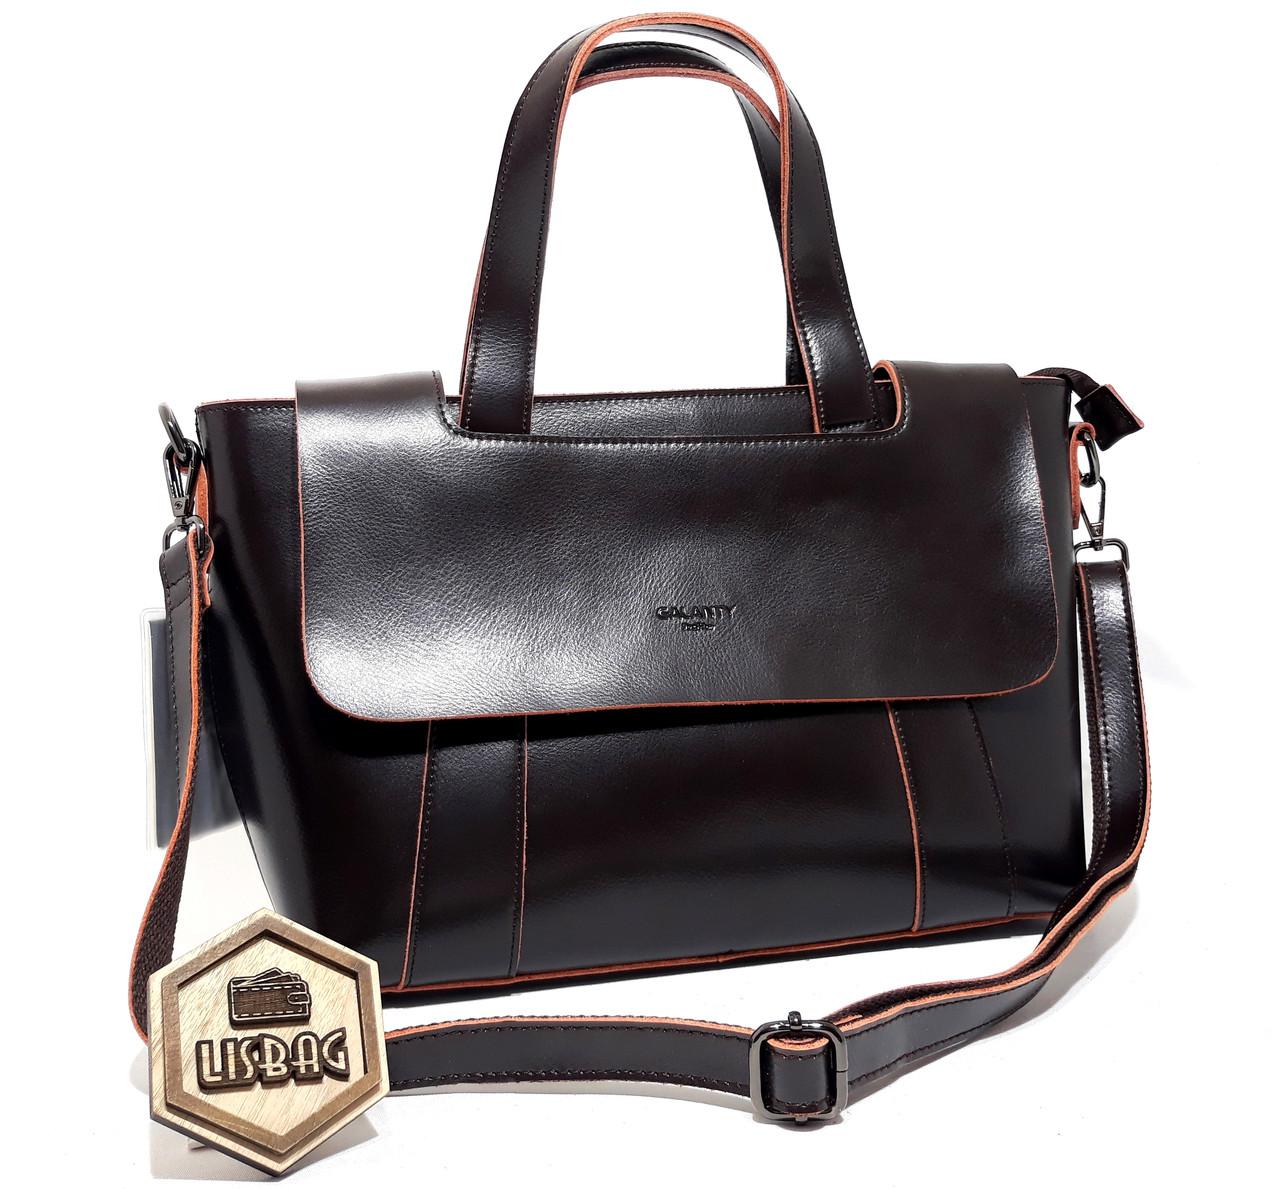 2cb41cd7776a Стильная женская кожаная сумка формата А4 и А5 Шоколадного (темно- коричневого) цвета Новинка